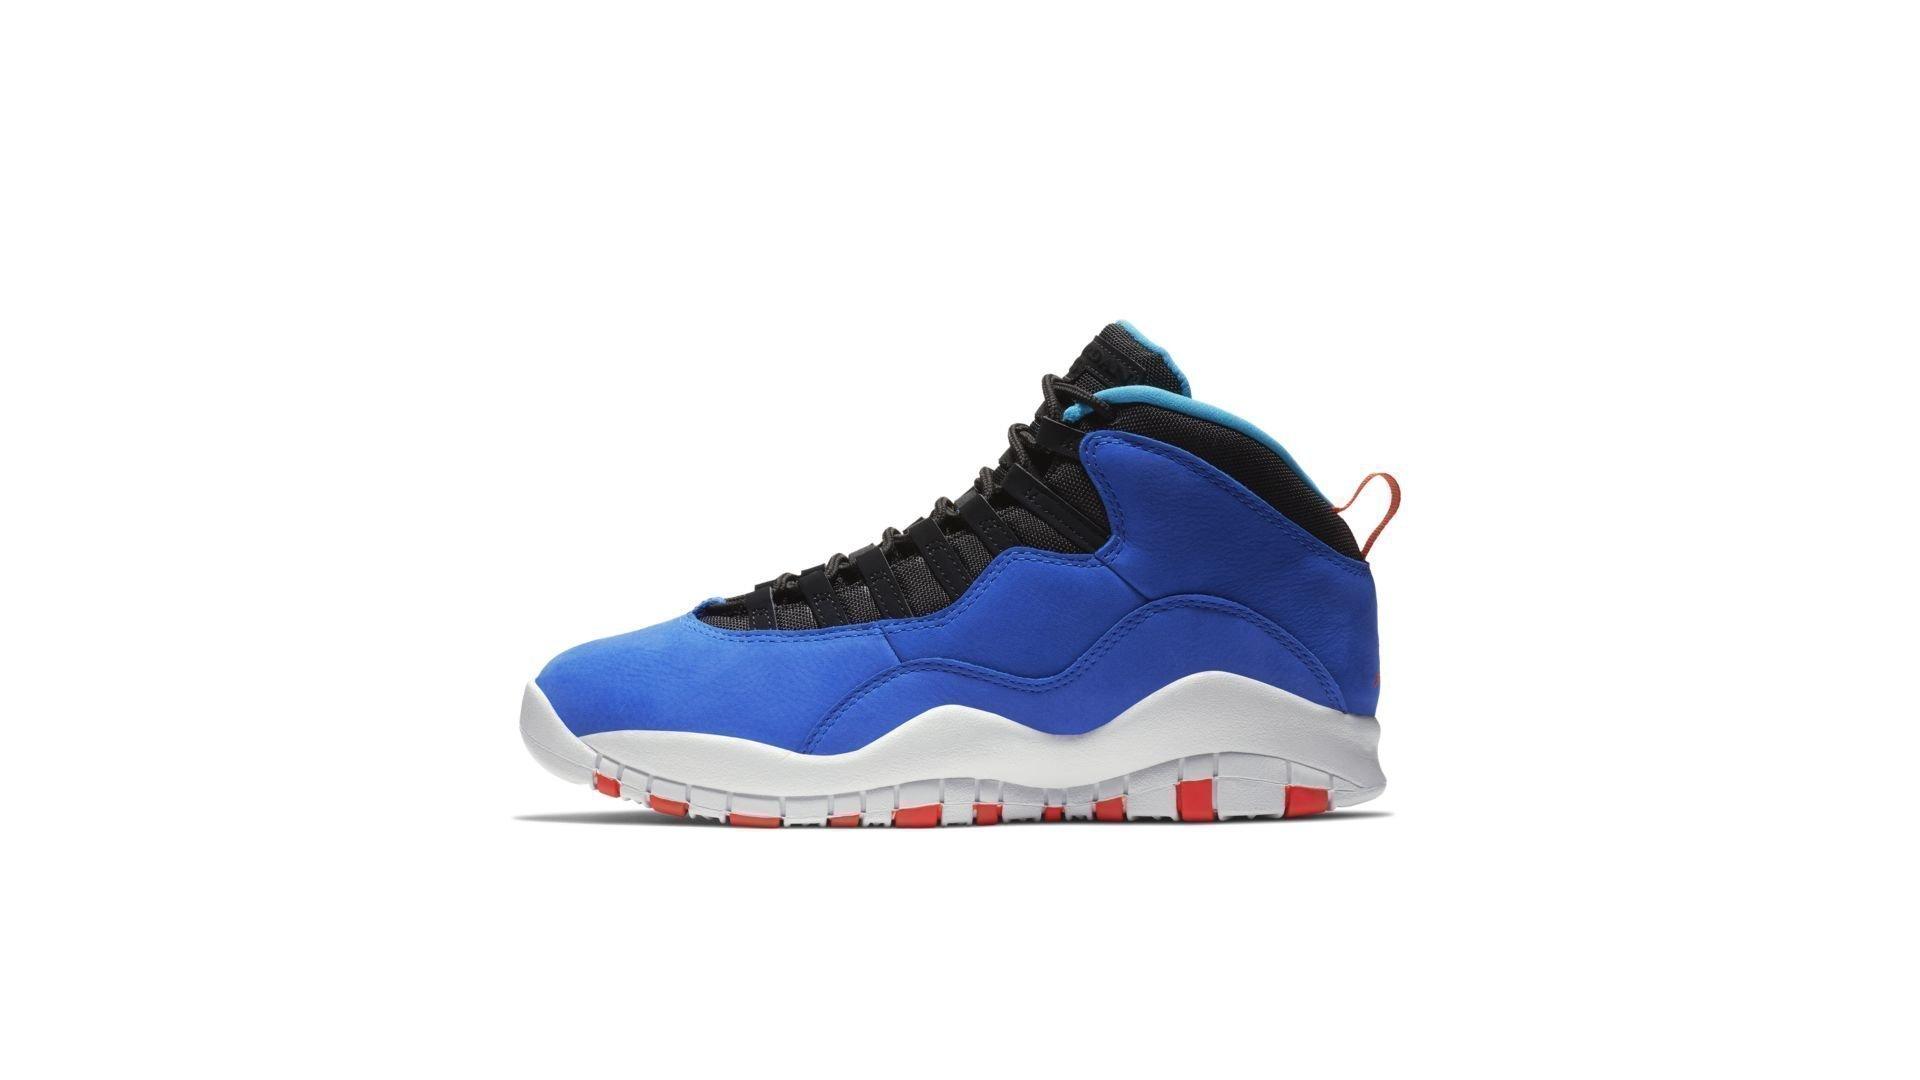 Air Jordan 1 310805-408